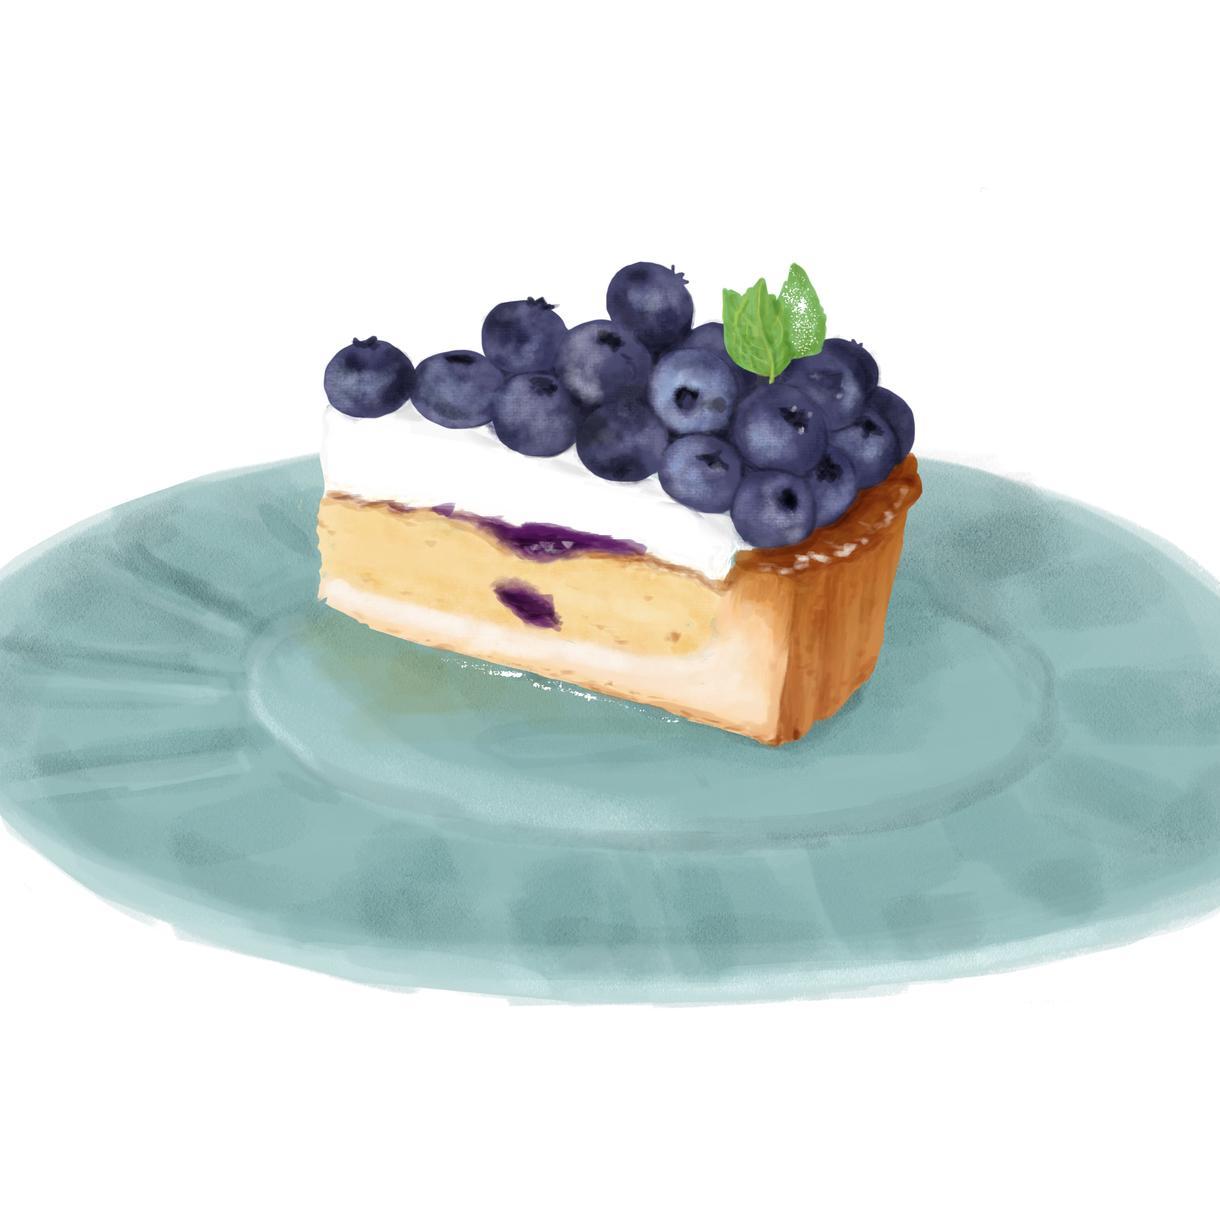 食べ物飲み物のイラストを作成します メニューやWebサイトなどに! イメージ1